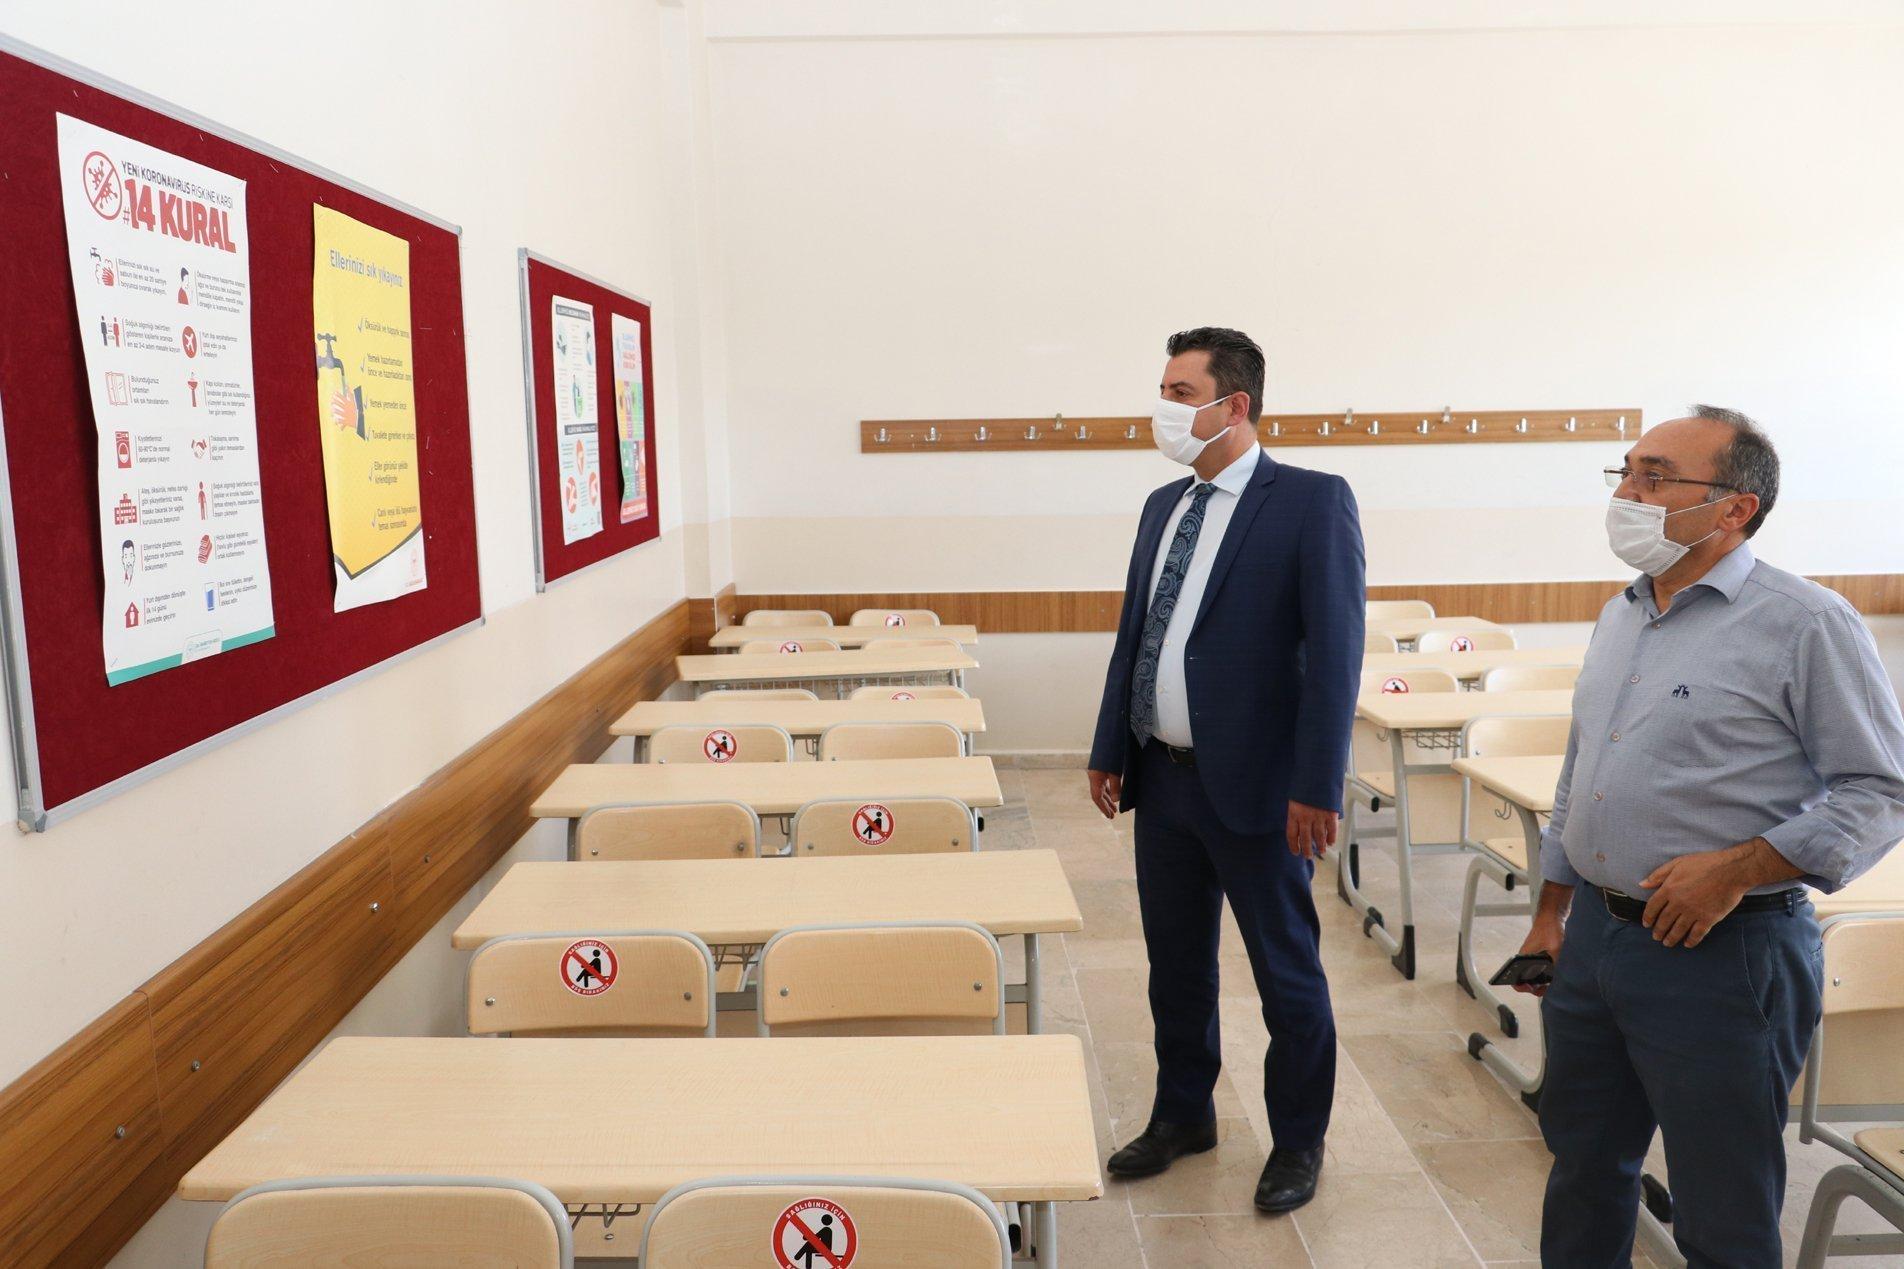 Savaşçı, Okullarda Alınan Tedbir ve Düzenlemeleri Yerinde İnceledi